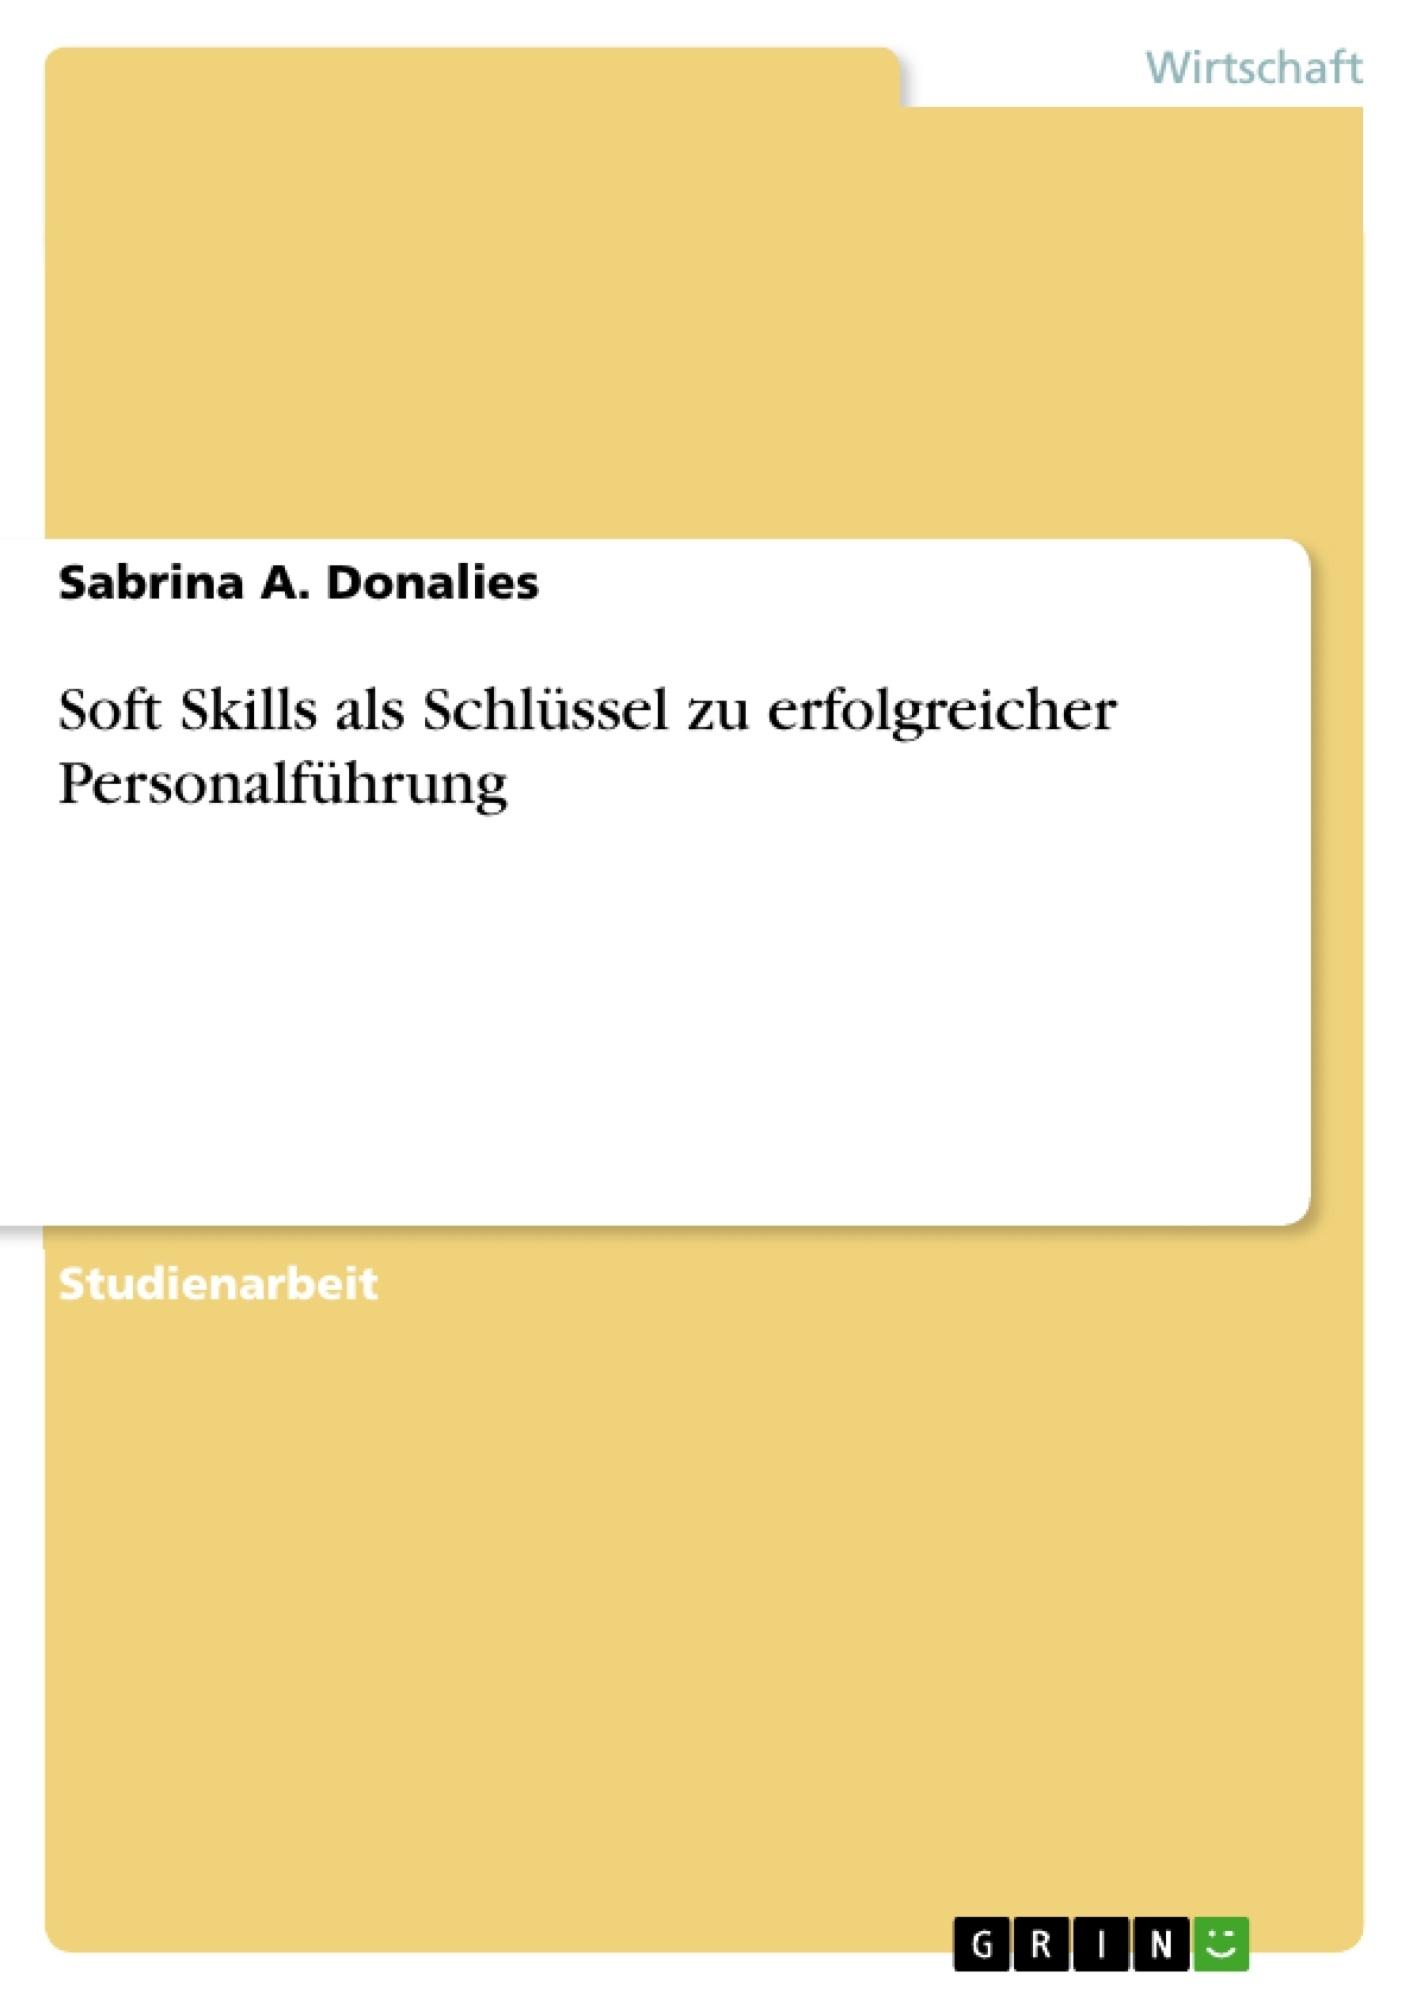 Titel: Soft Skills als Schlüssel zu erfolgreicher Personalführung